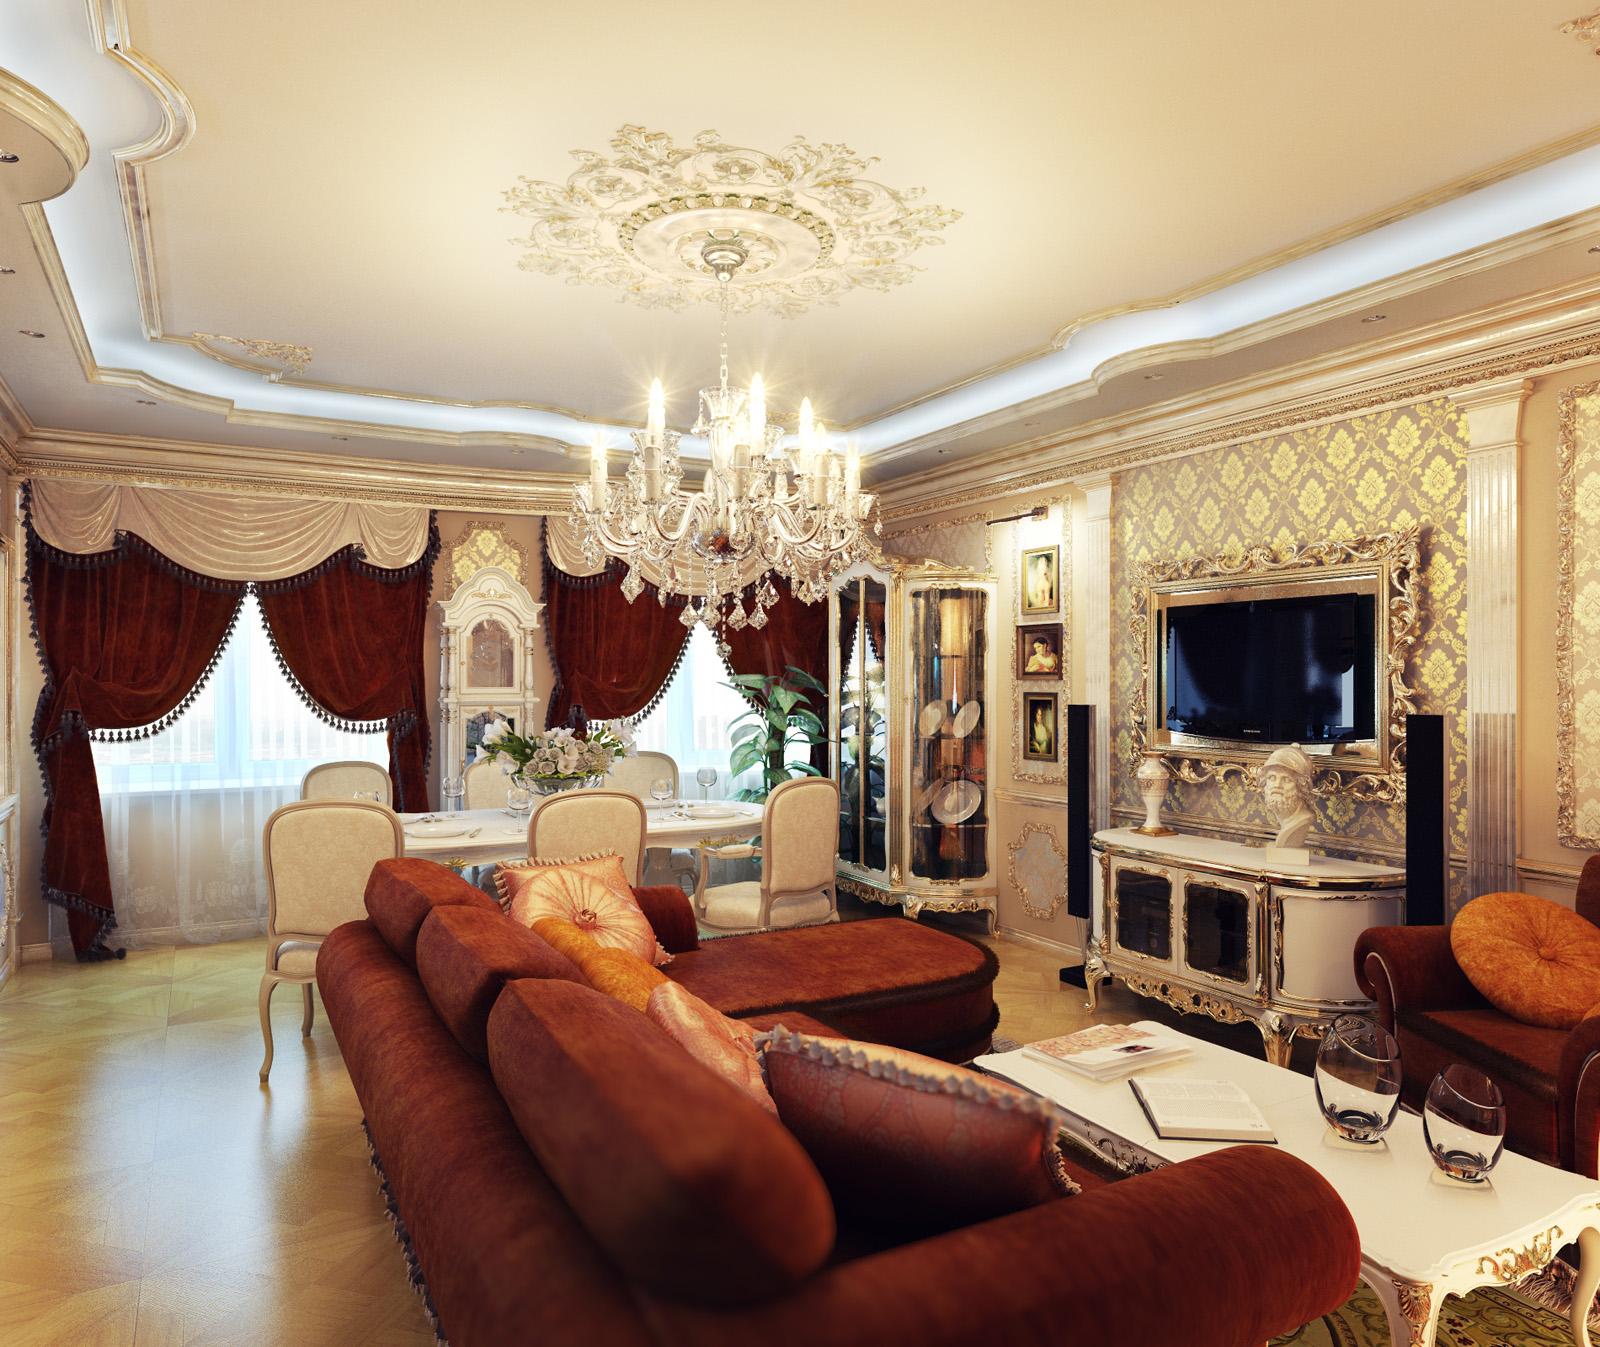 Интерьер гостиной дизайна в классическом стиле